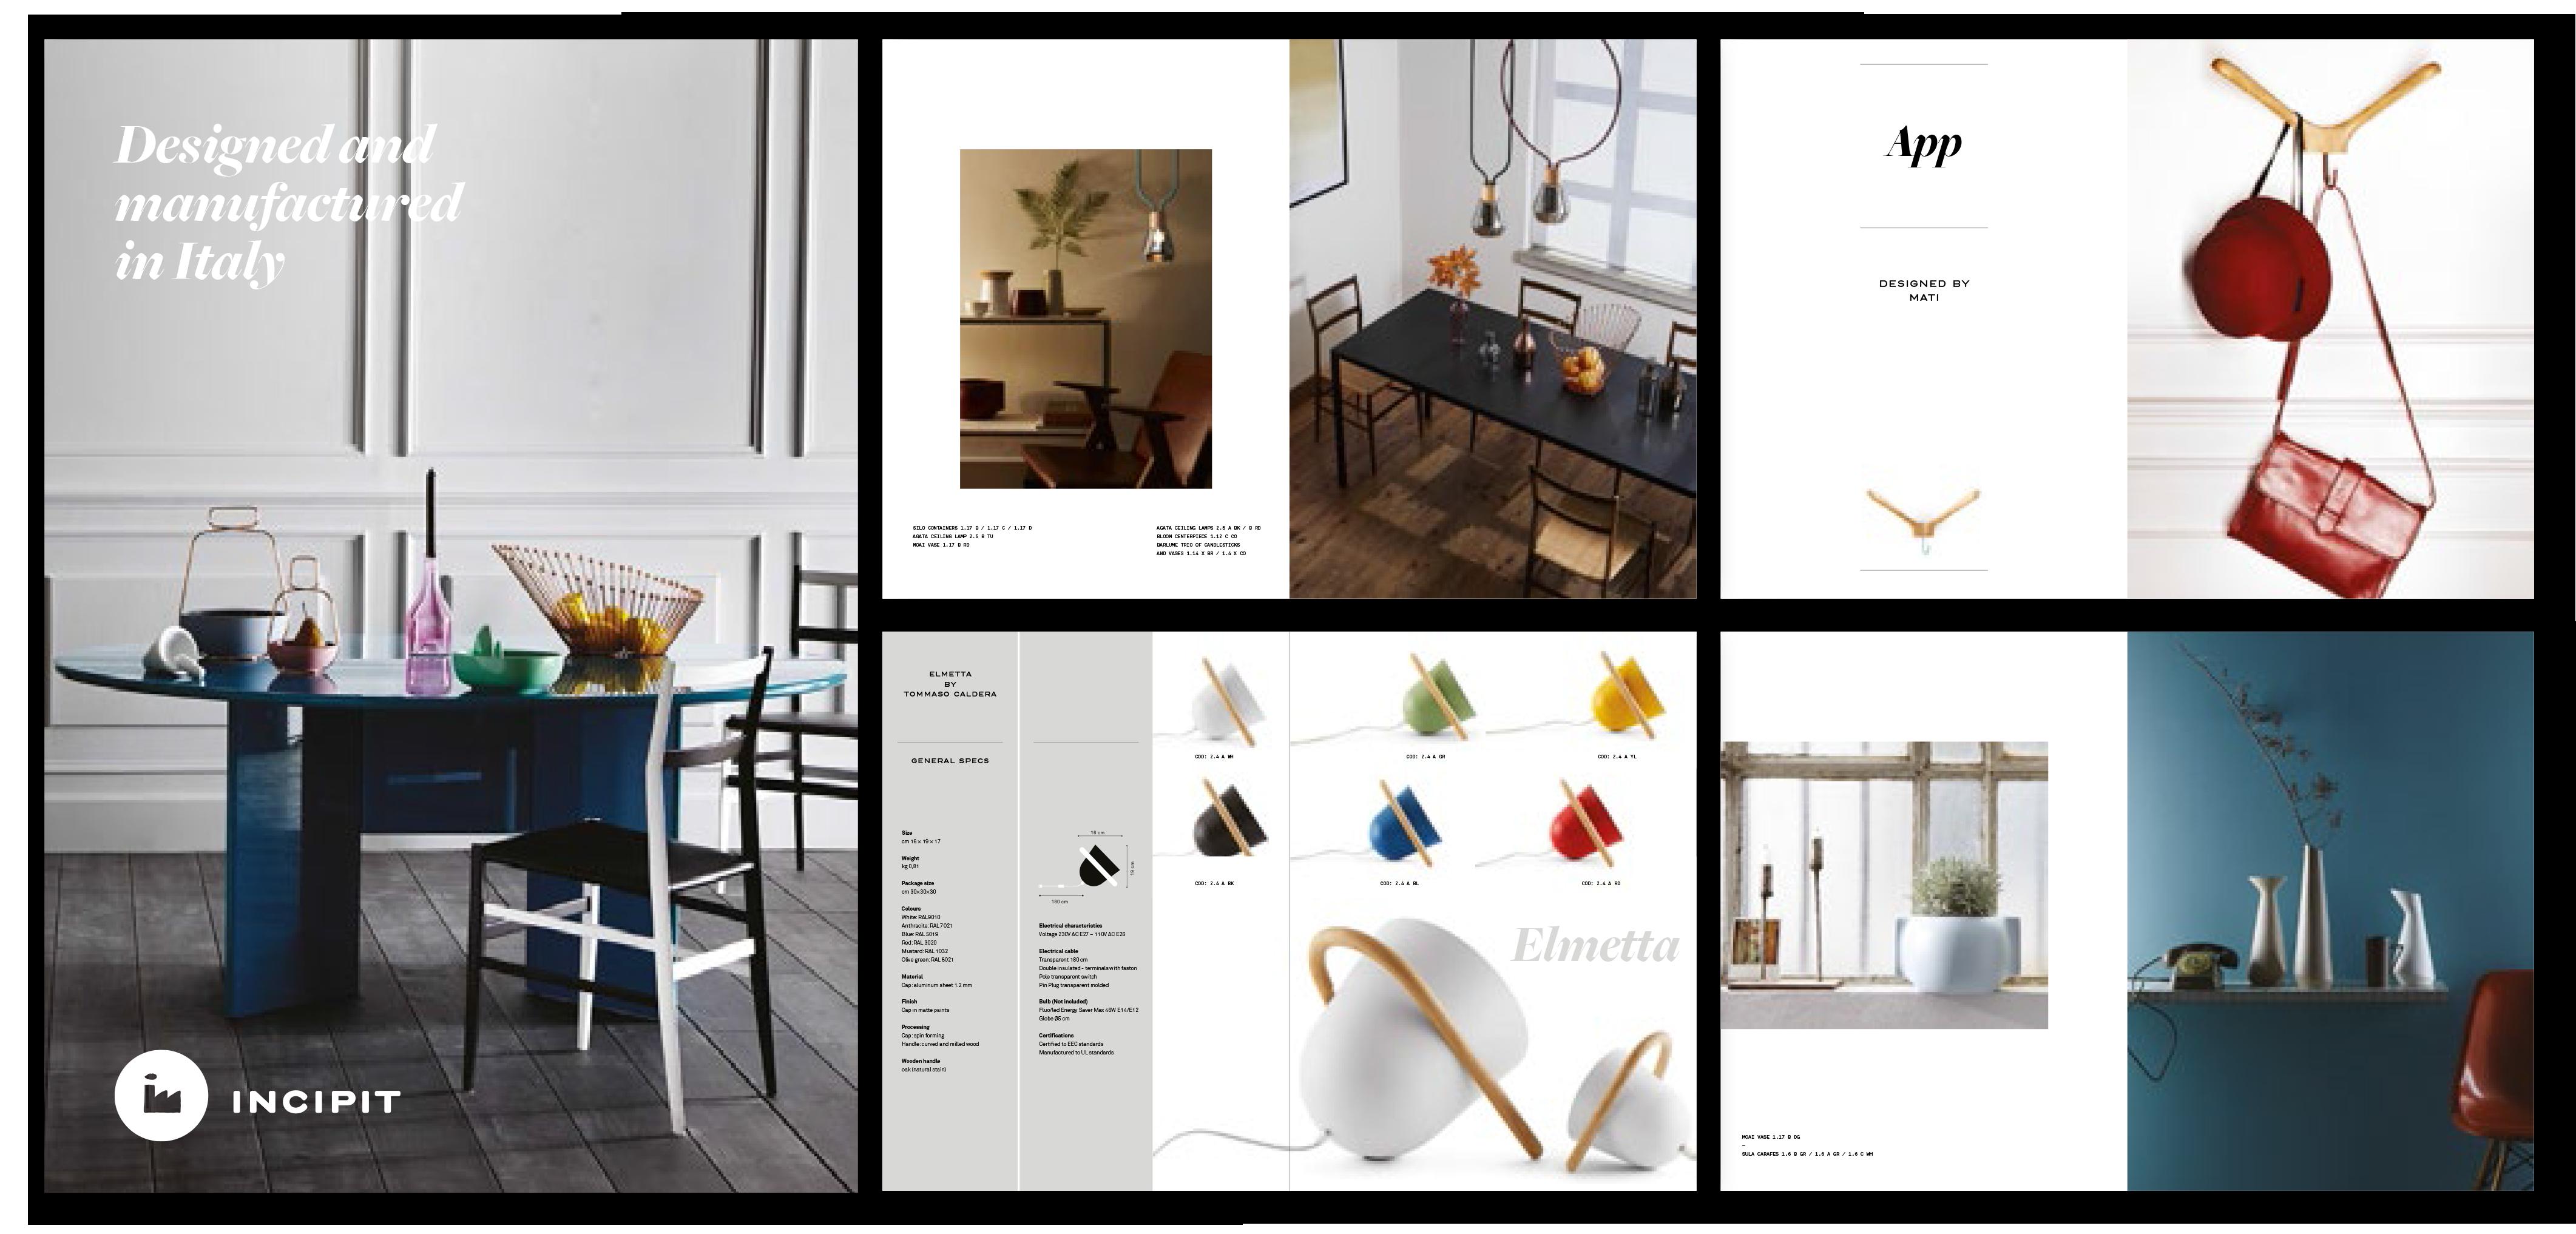 inicipit catalogue art direction by studio lido laboratore innocenti design office